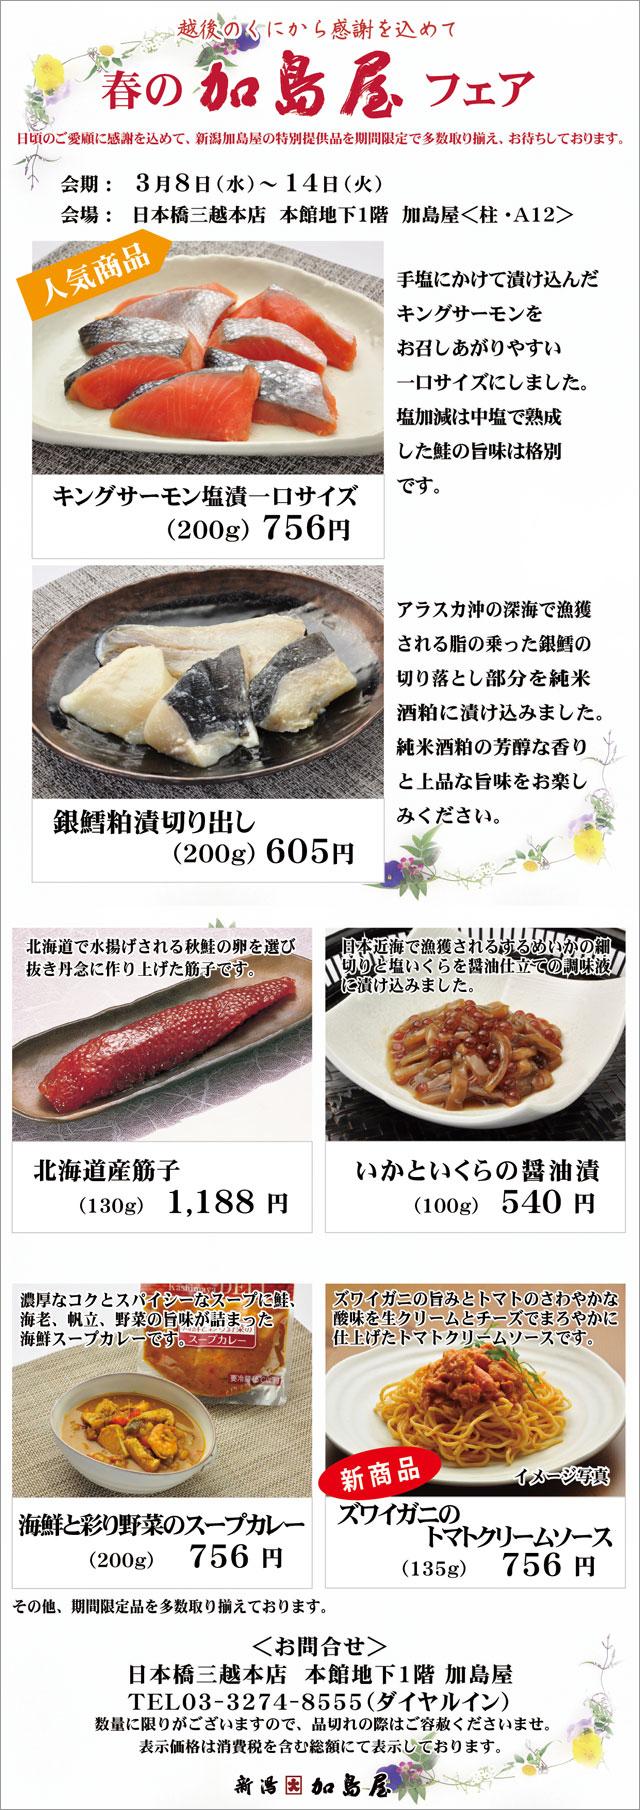 日本橋三越本店「春の加島屋フェア」